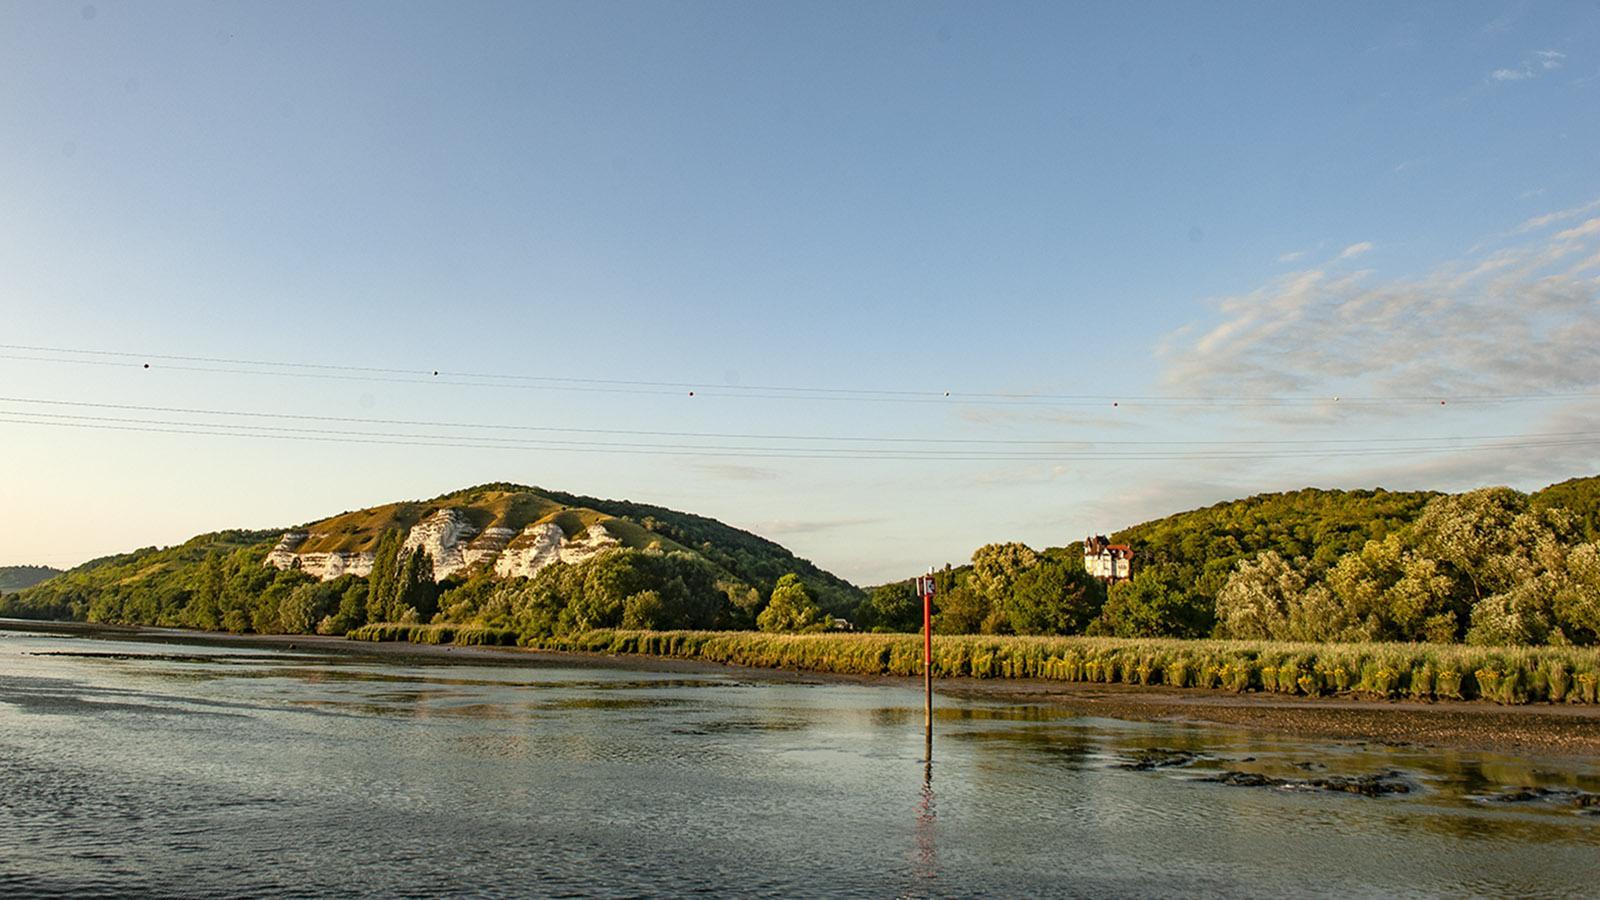 Die Seine zwischen Les Andelys und Rouen am frühen Abend. Foto: Hilke Maunder